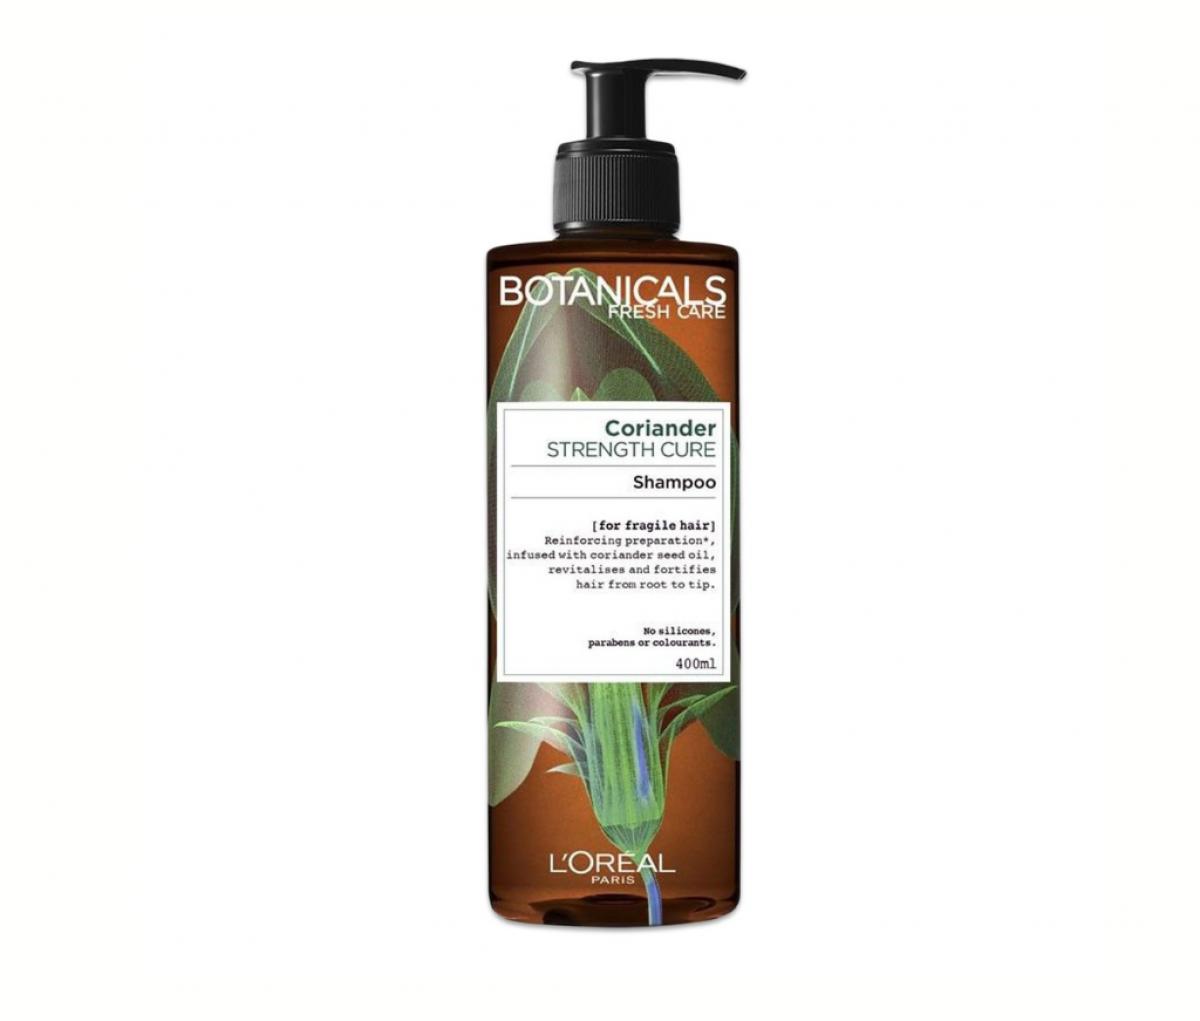 Botanicals Coriander Strength Cure Shampoo